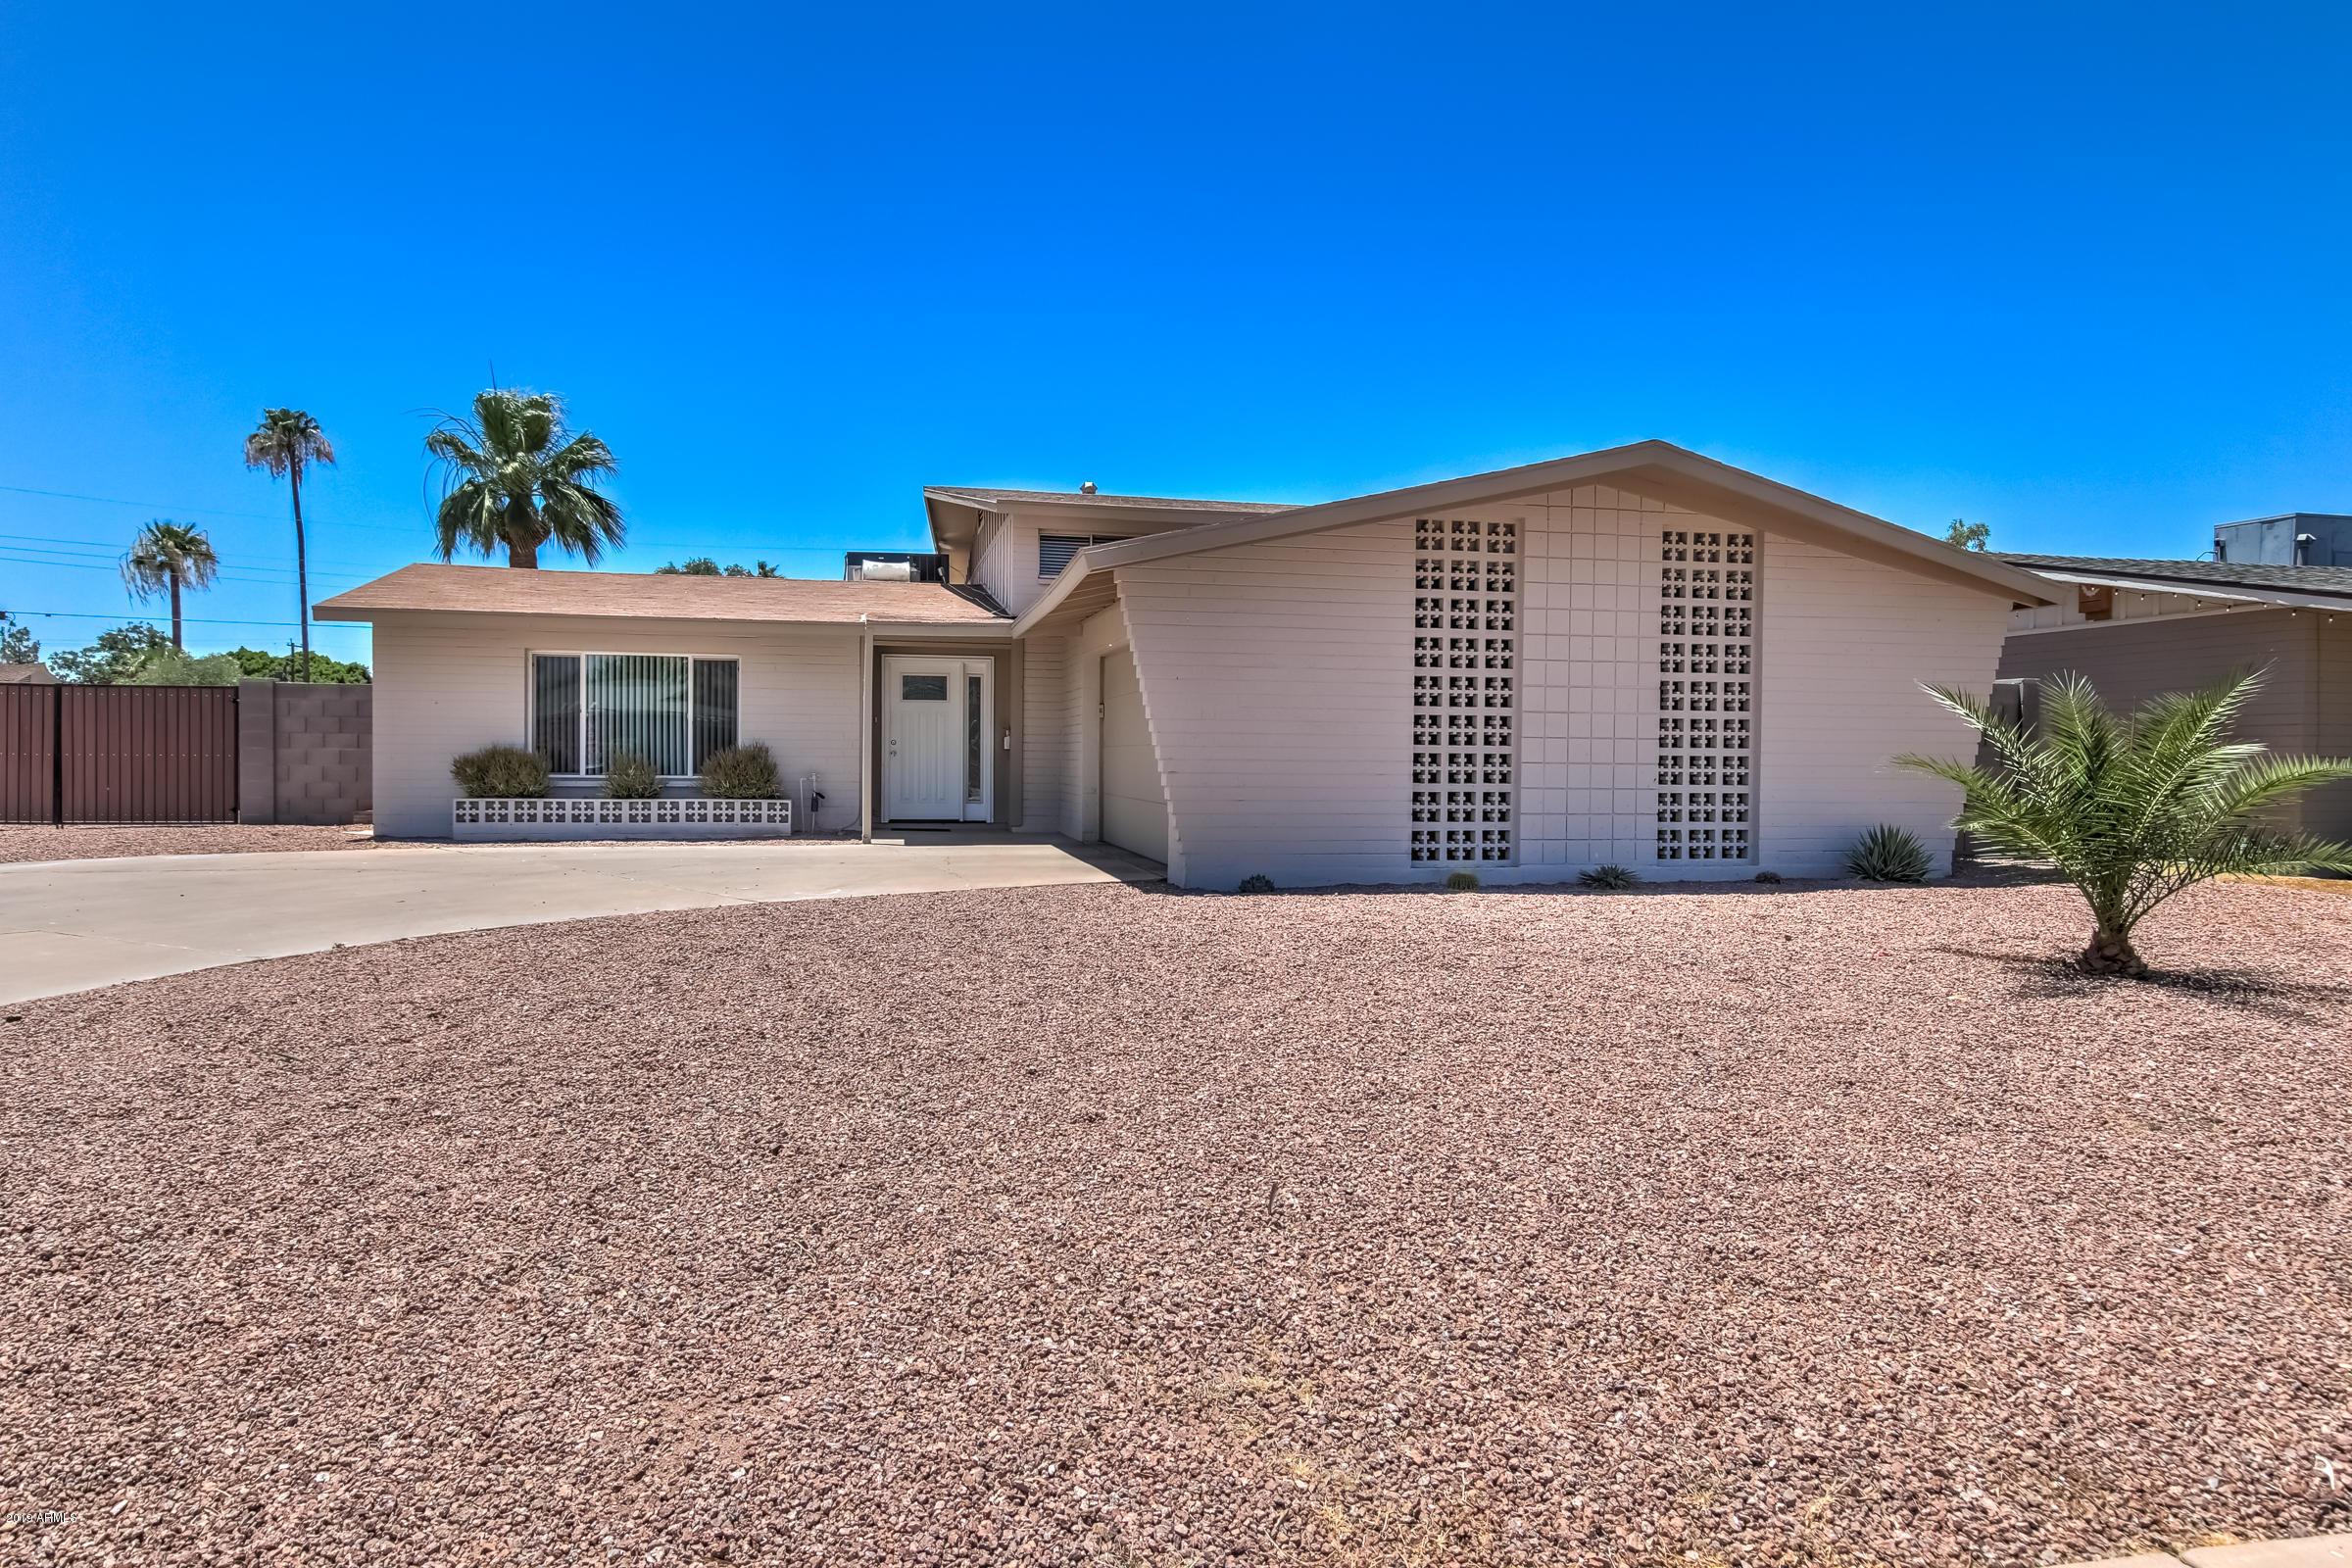 Photo of 4536 S FOREST Avenue, Tempe, AZ 85282